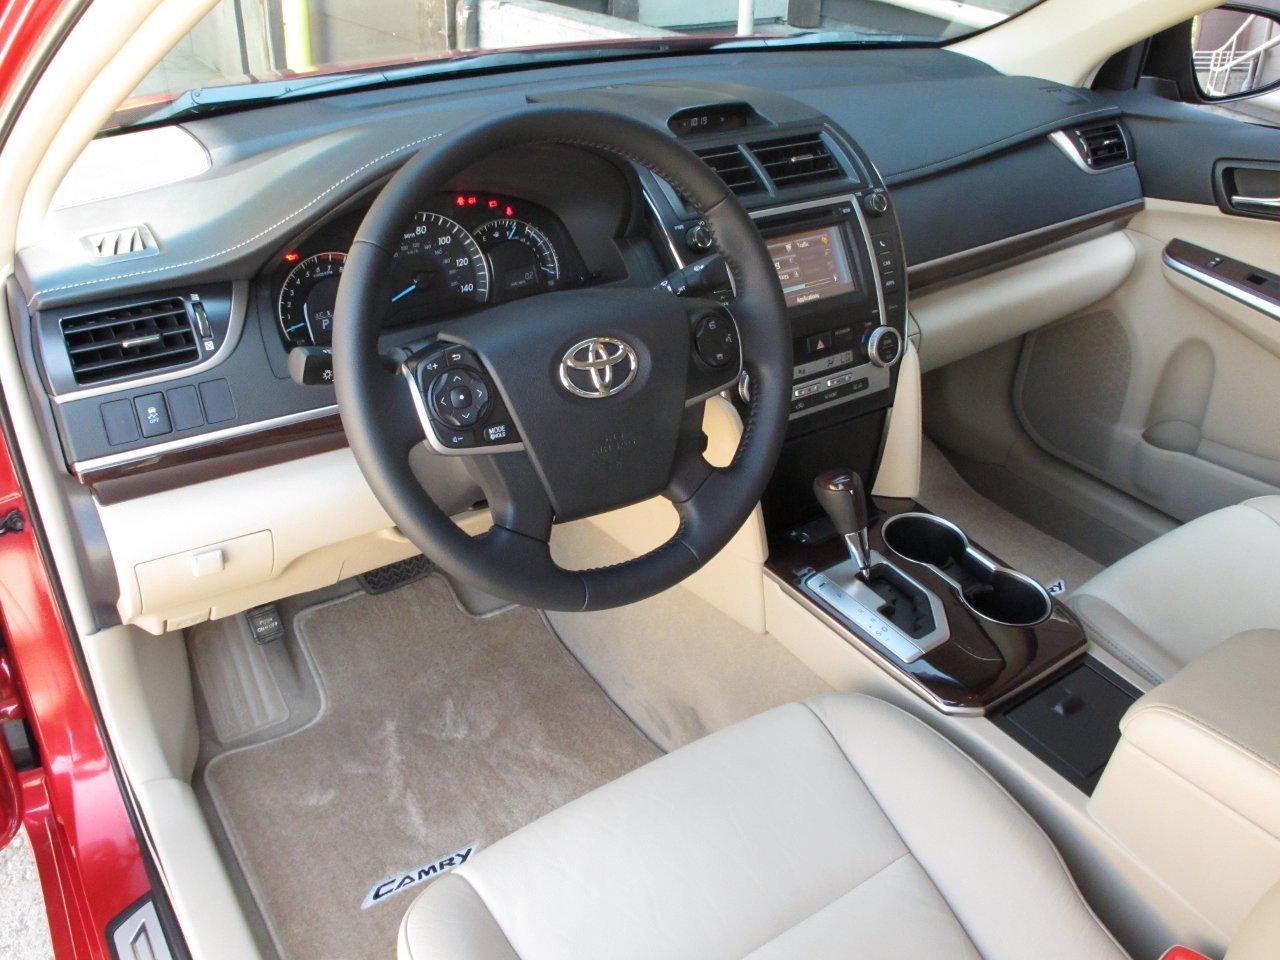 Toyota Camry 2013 Calidad Tamao Rendimiento Y Belleza